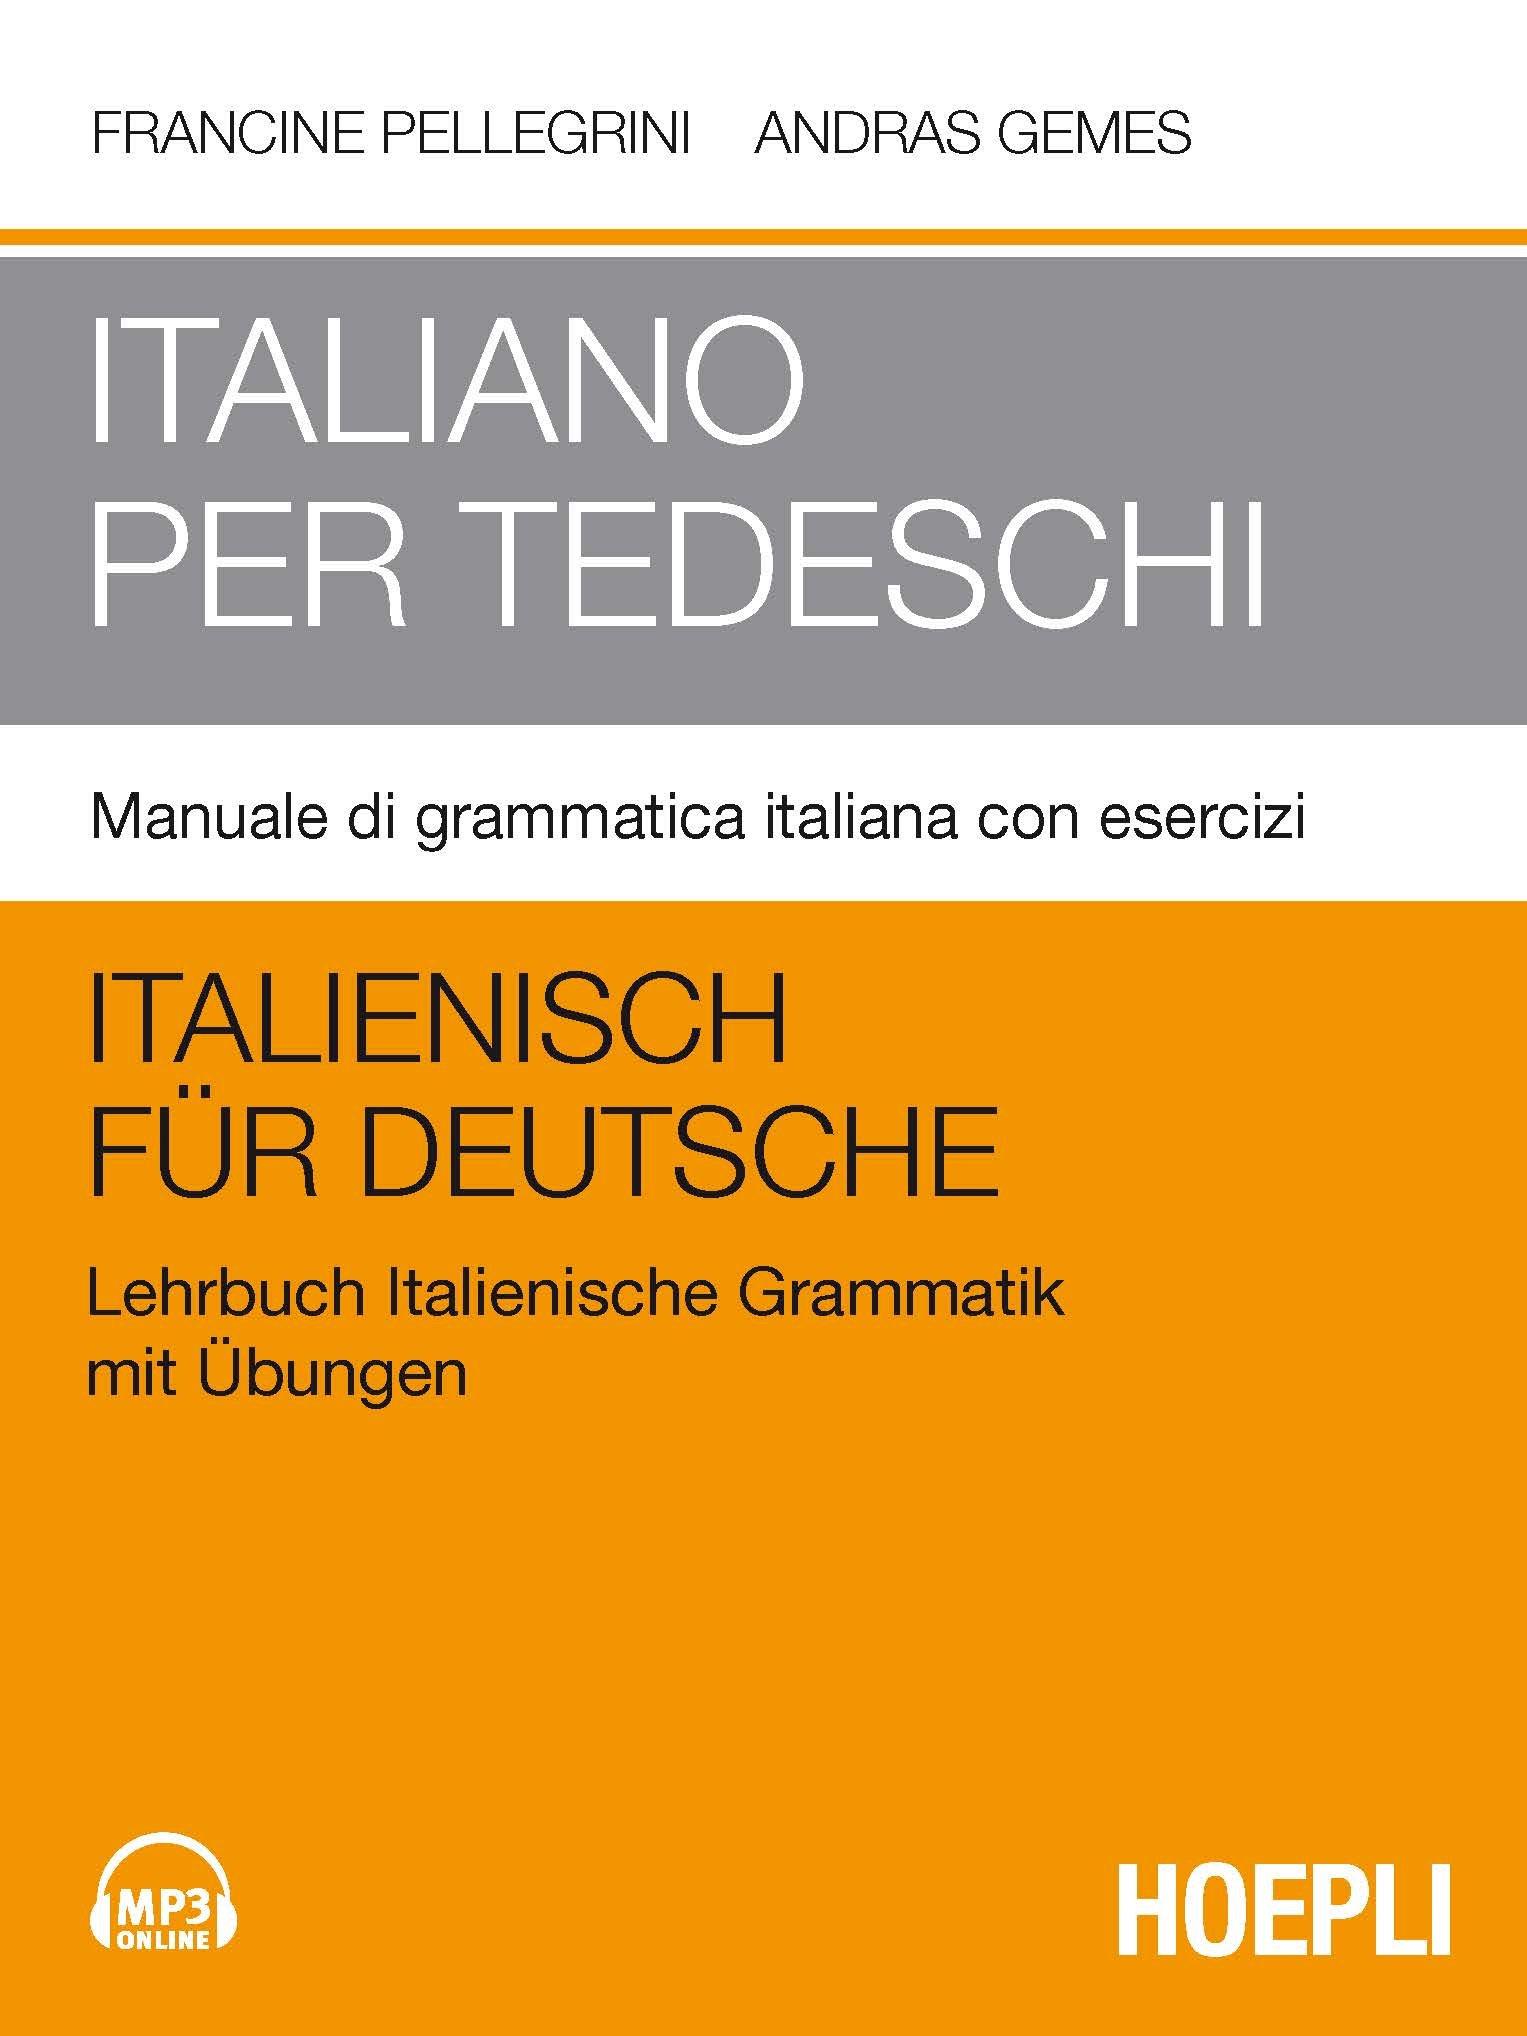 Italiano per tedeschi. Manuale di grammatica italiana con esercizi:  Amazon.it: Francine Pellegrini, Andras Gemes: Libri in altre lingue